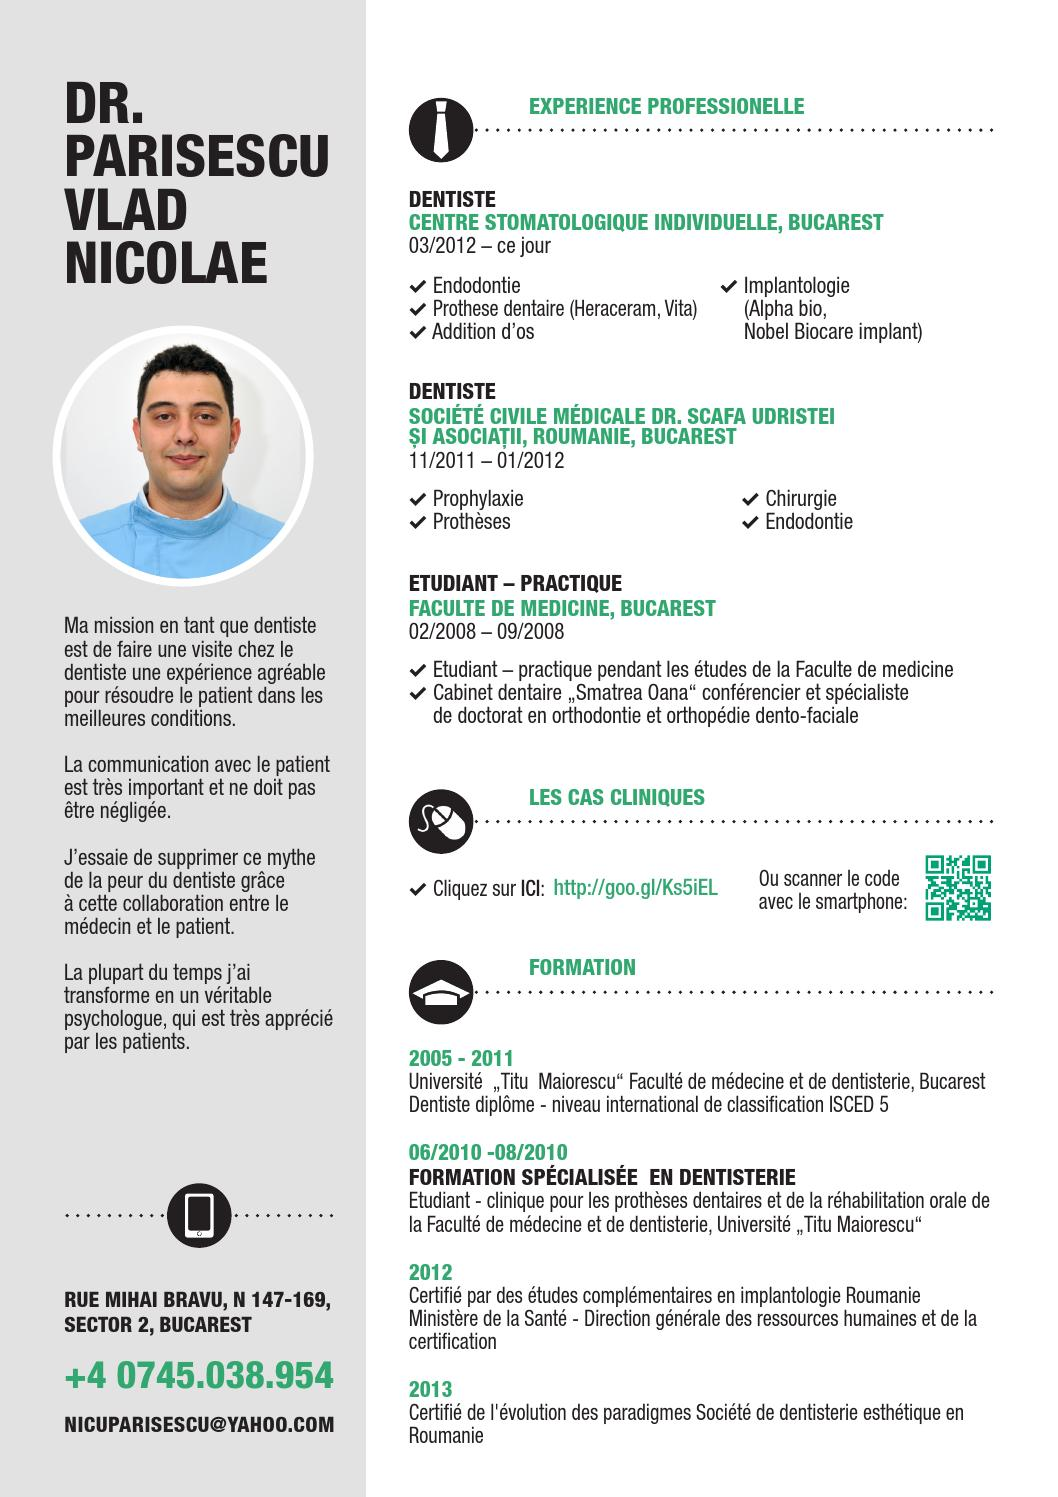 curriculum vitae dr  parisescu vlad nicolae by parisescu vlad nicolae